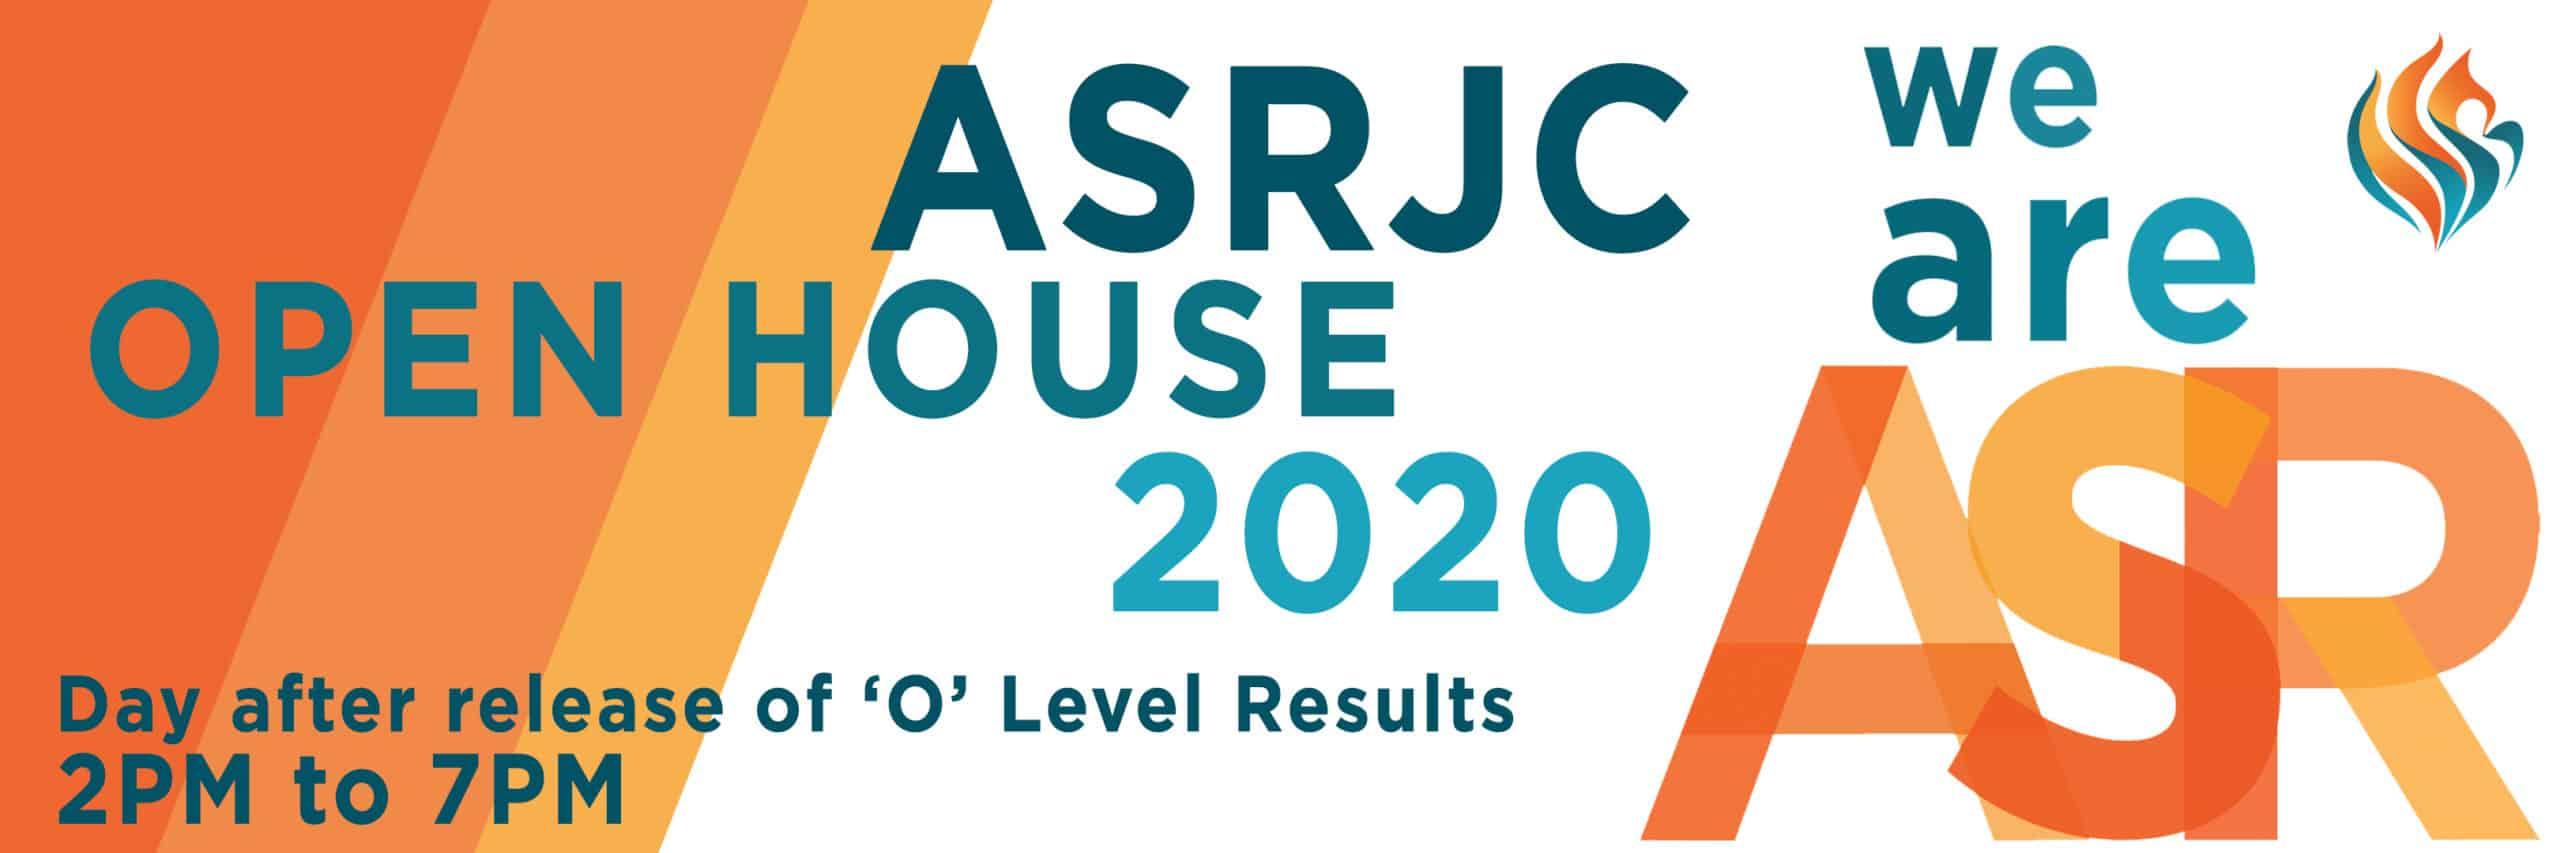 ASRJC Open House 2020